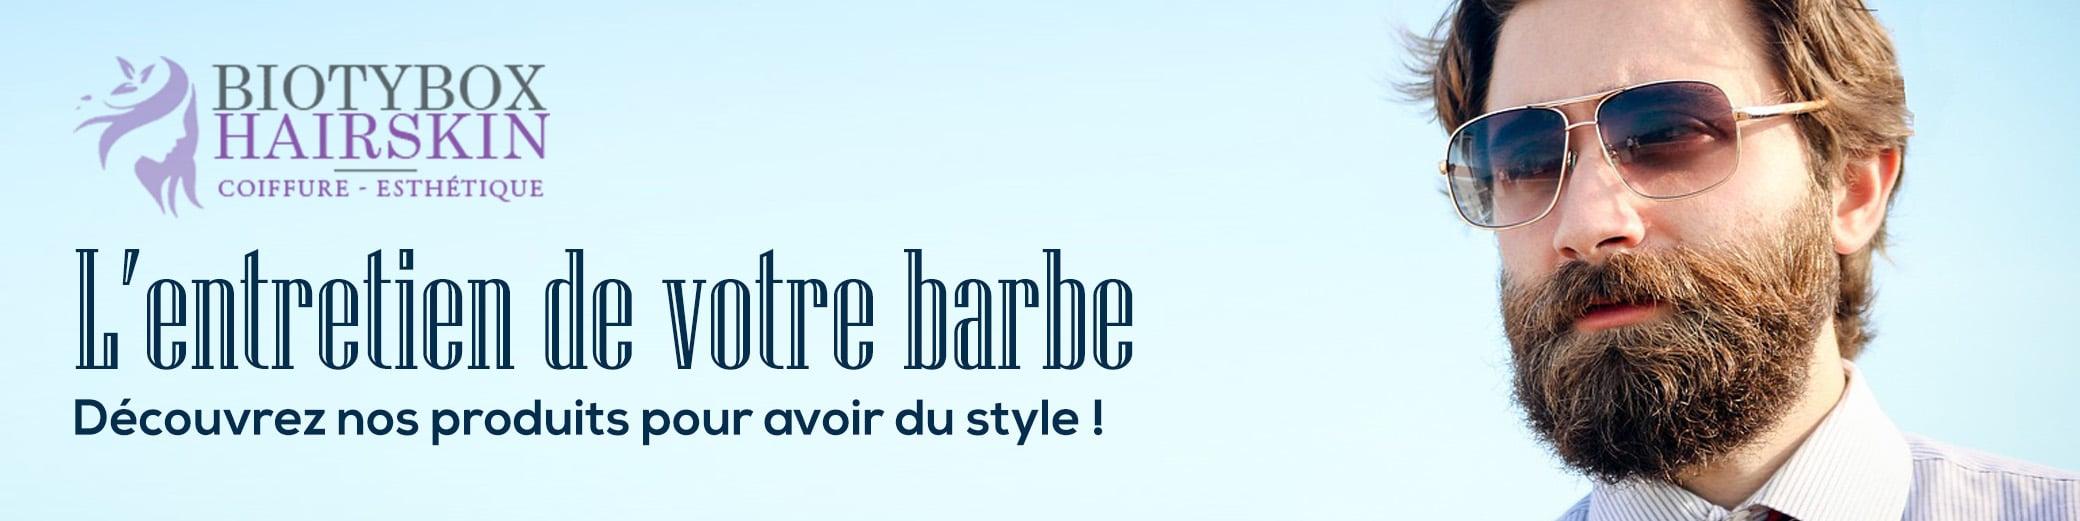 Entretien de la barbe, notre gamme de produits...